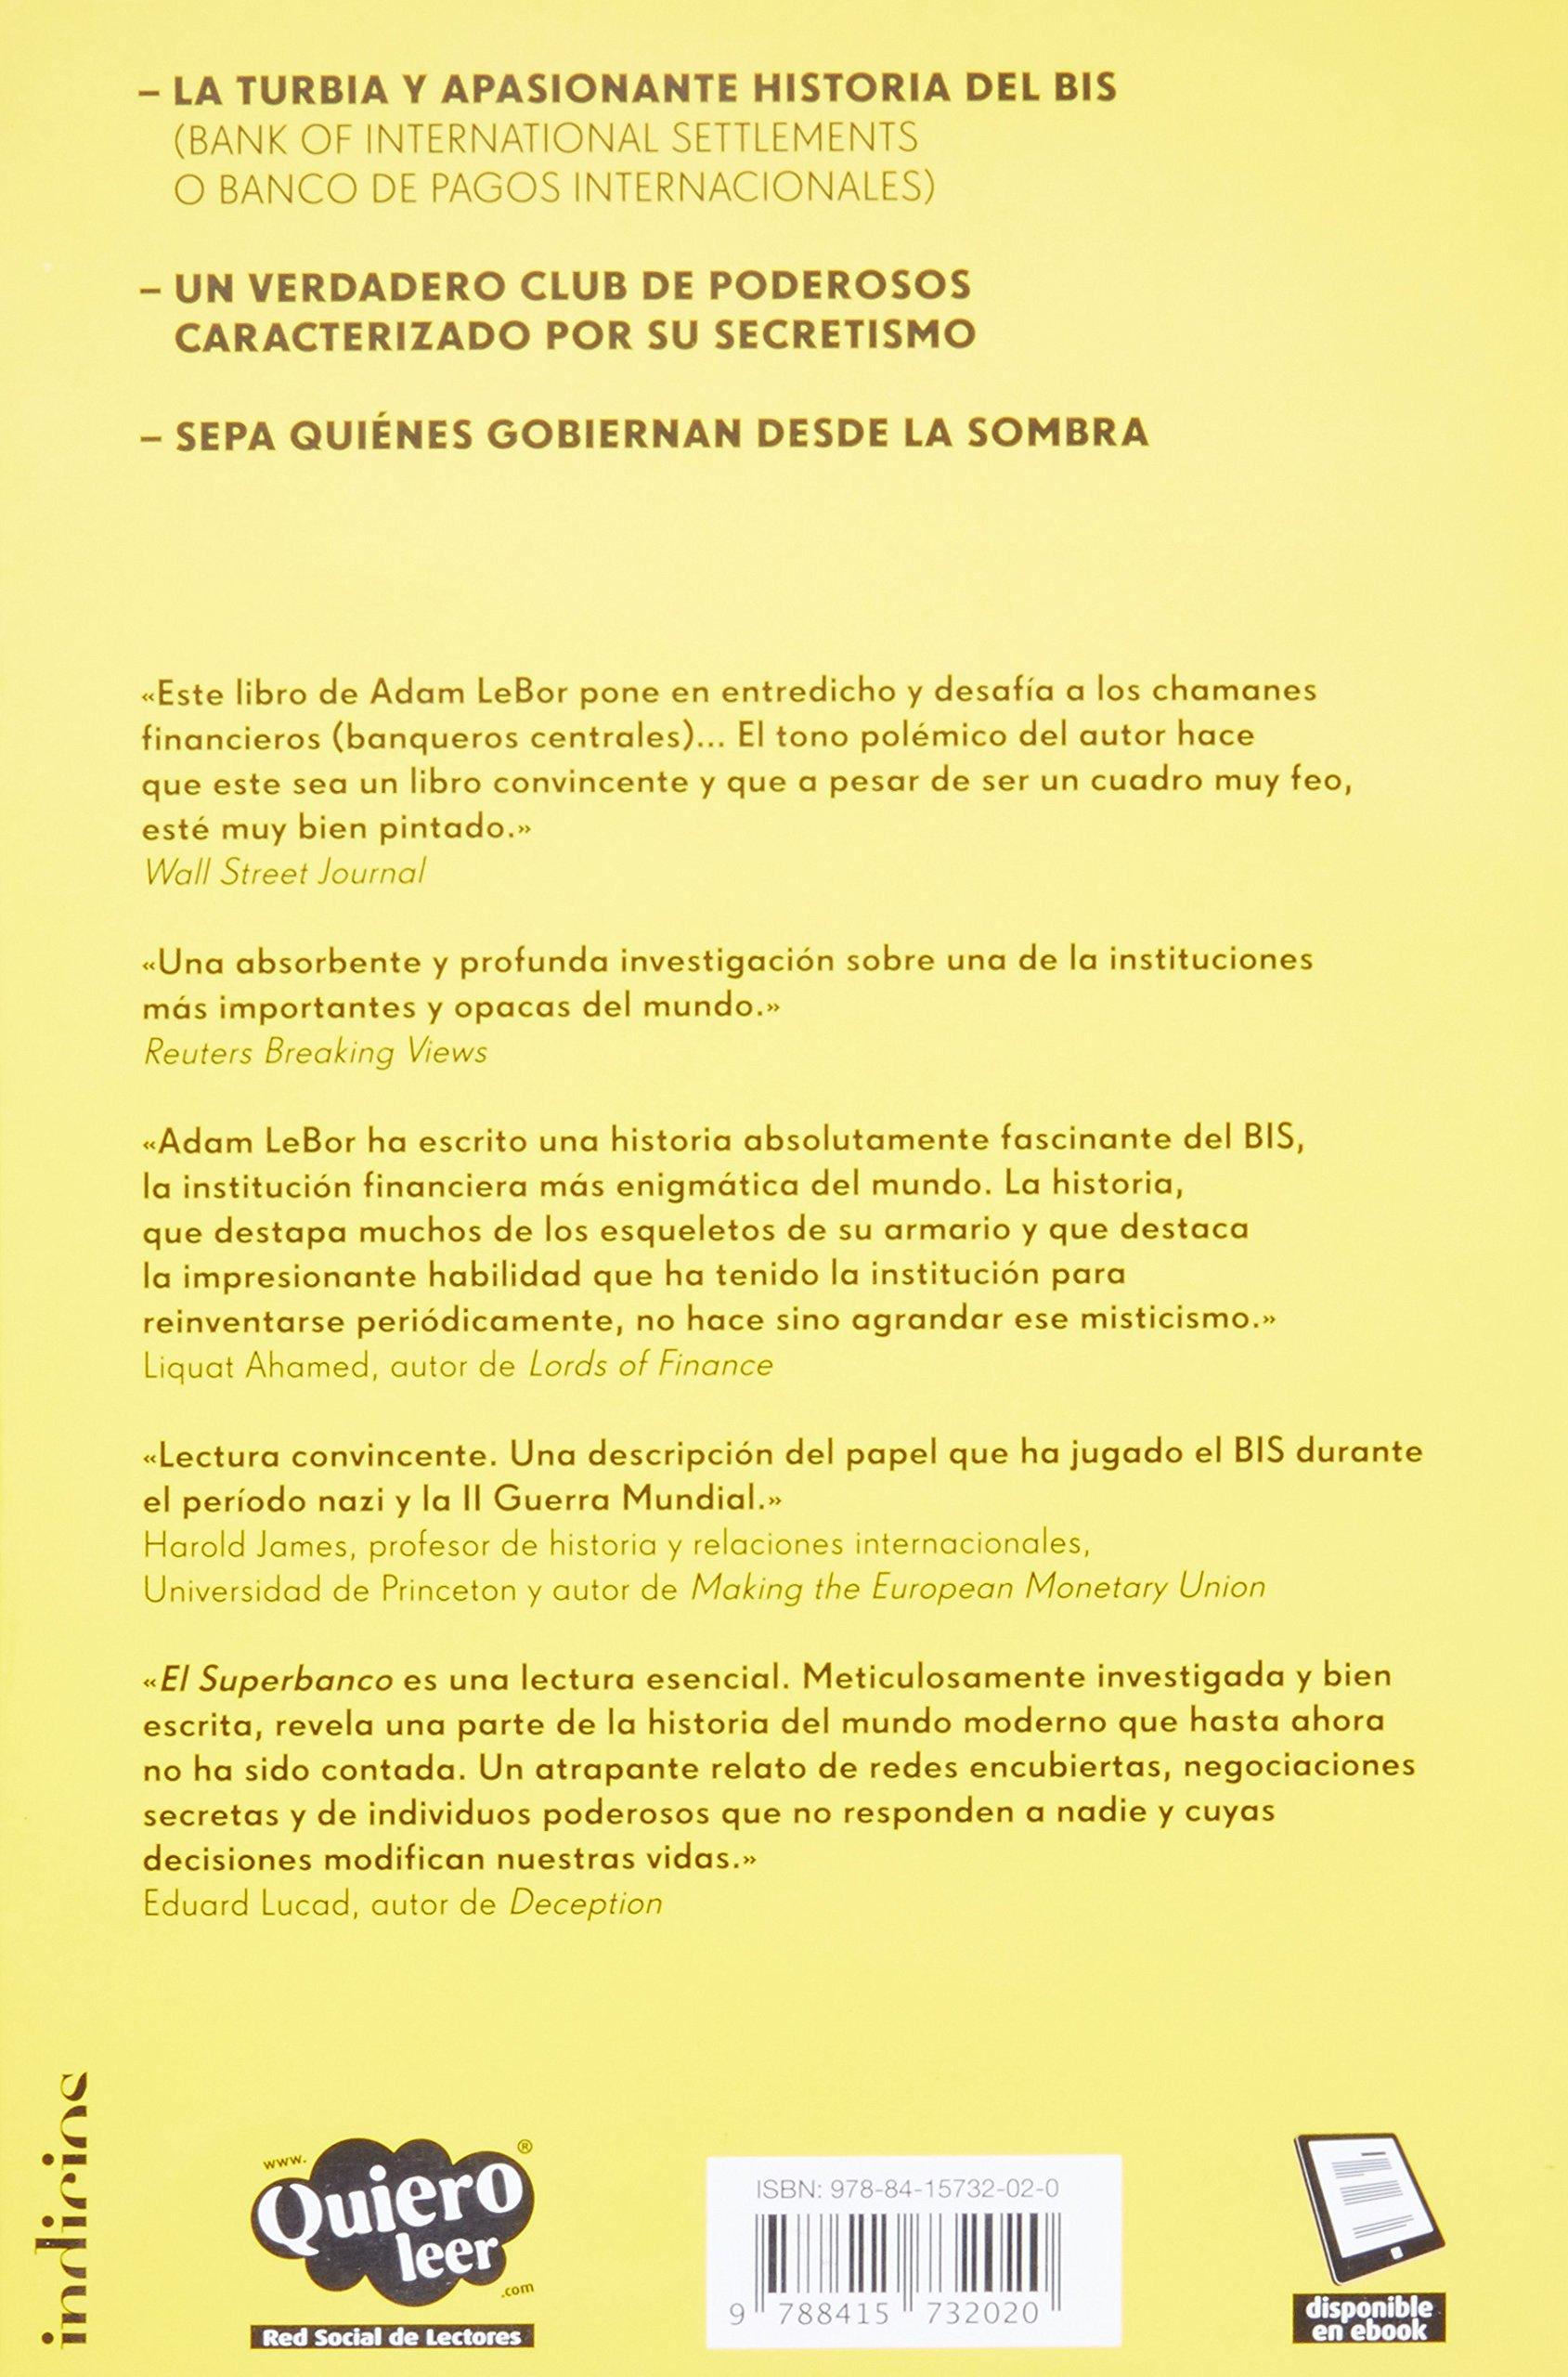 El Superbanco: La historia oculta del grupo de tecnócratas que gobierna el mundo: 1 Indicios no ficción: Amazon.es: LeBor, Adam, Merino Sánchez, María Isabel: Libros